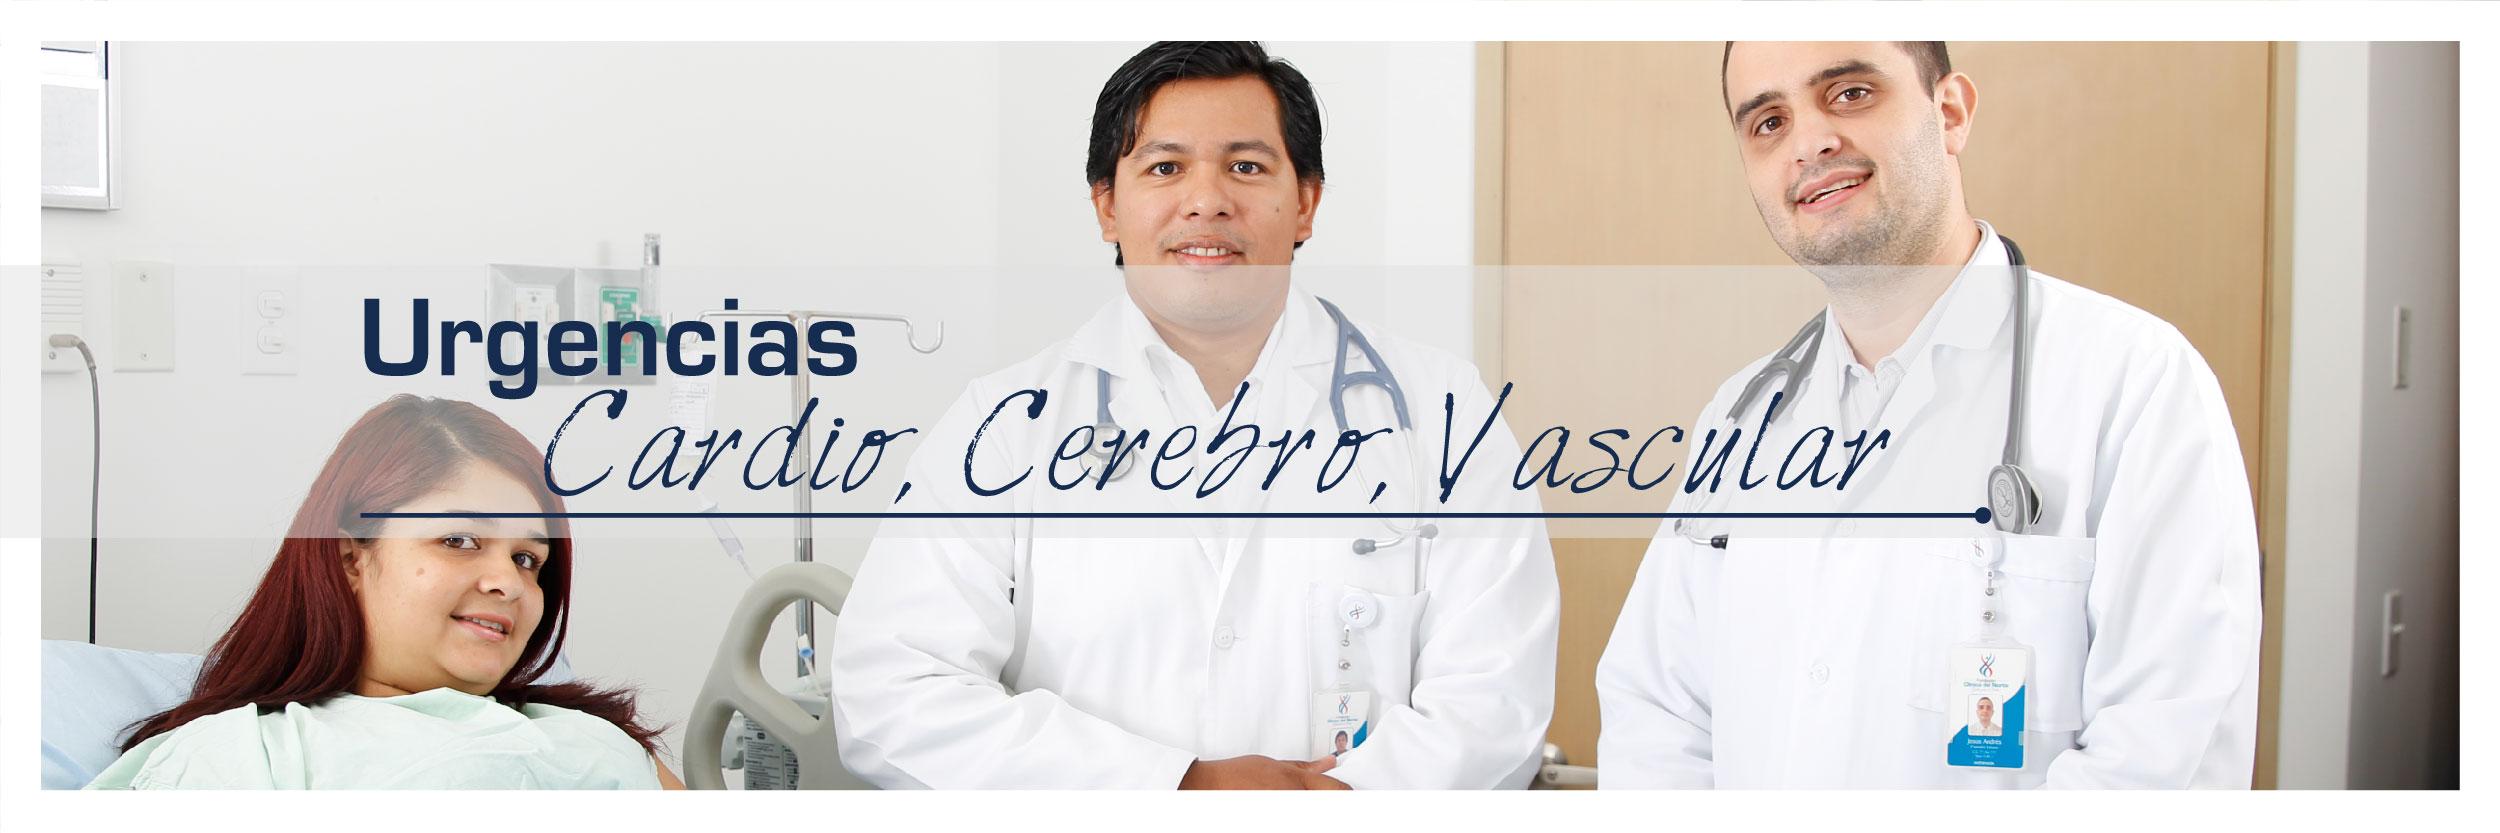 Especialistas en urgencias cardio, cerebro vascular